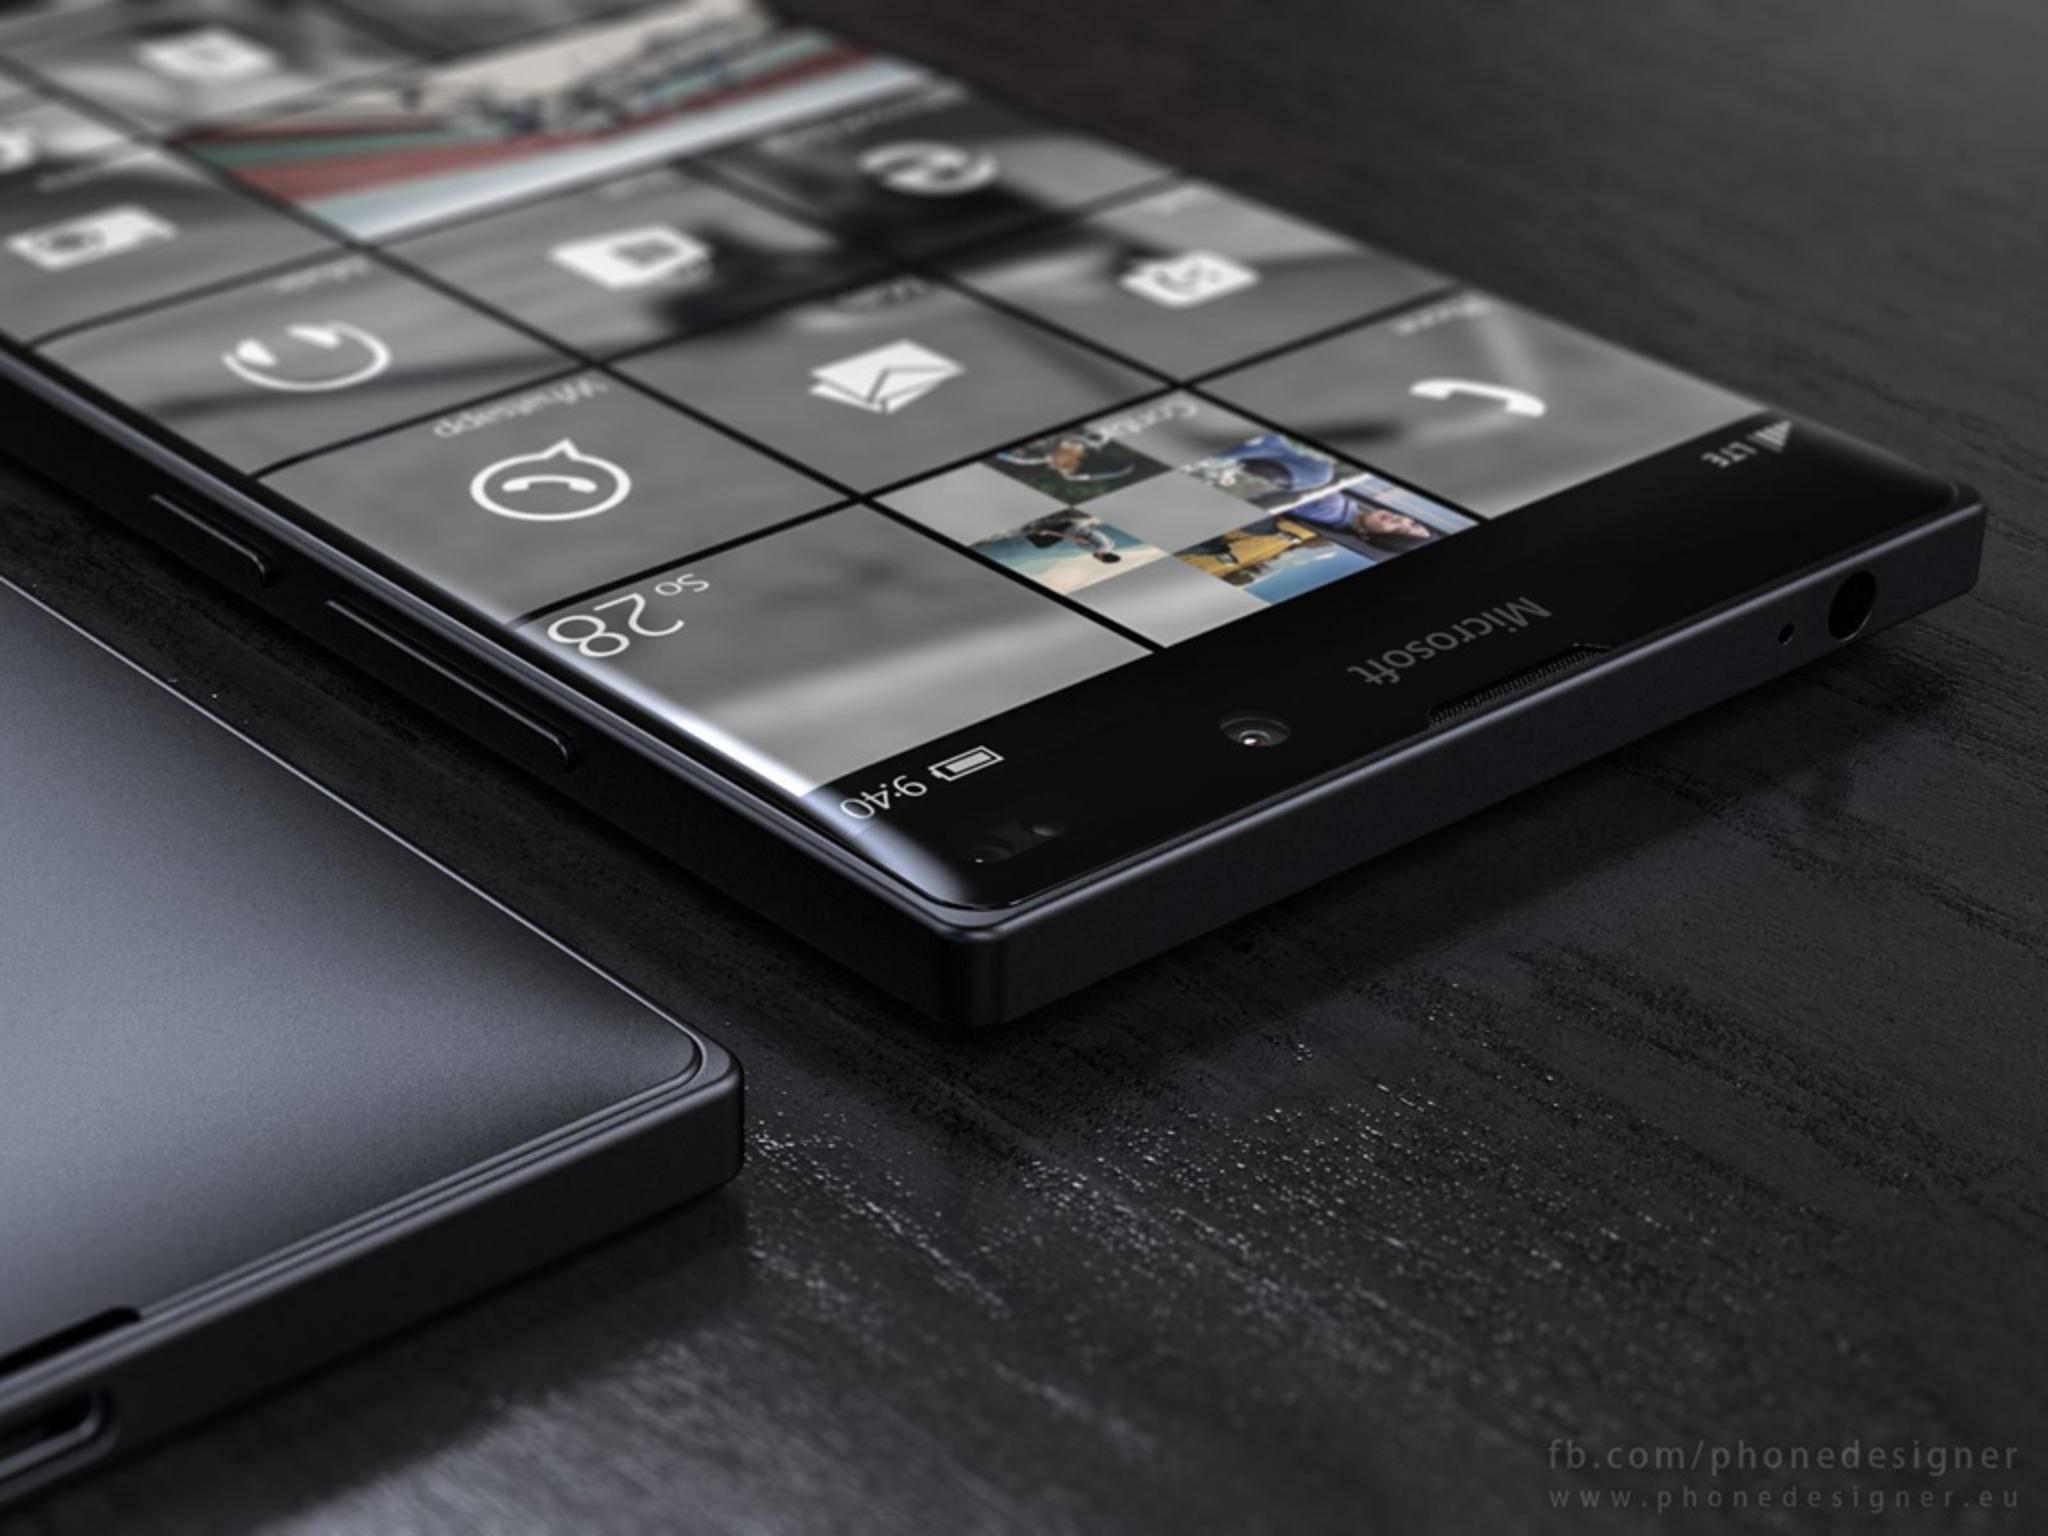 Eine Konzeptstudie des nächsten Lumia-Smartphonmes: Das Gerät wird sich mit Tastatur und Maus steuern lassen.